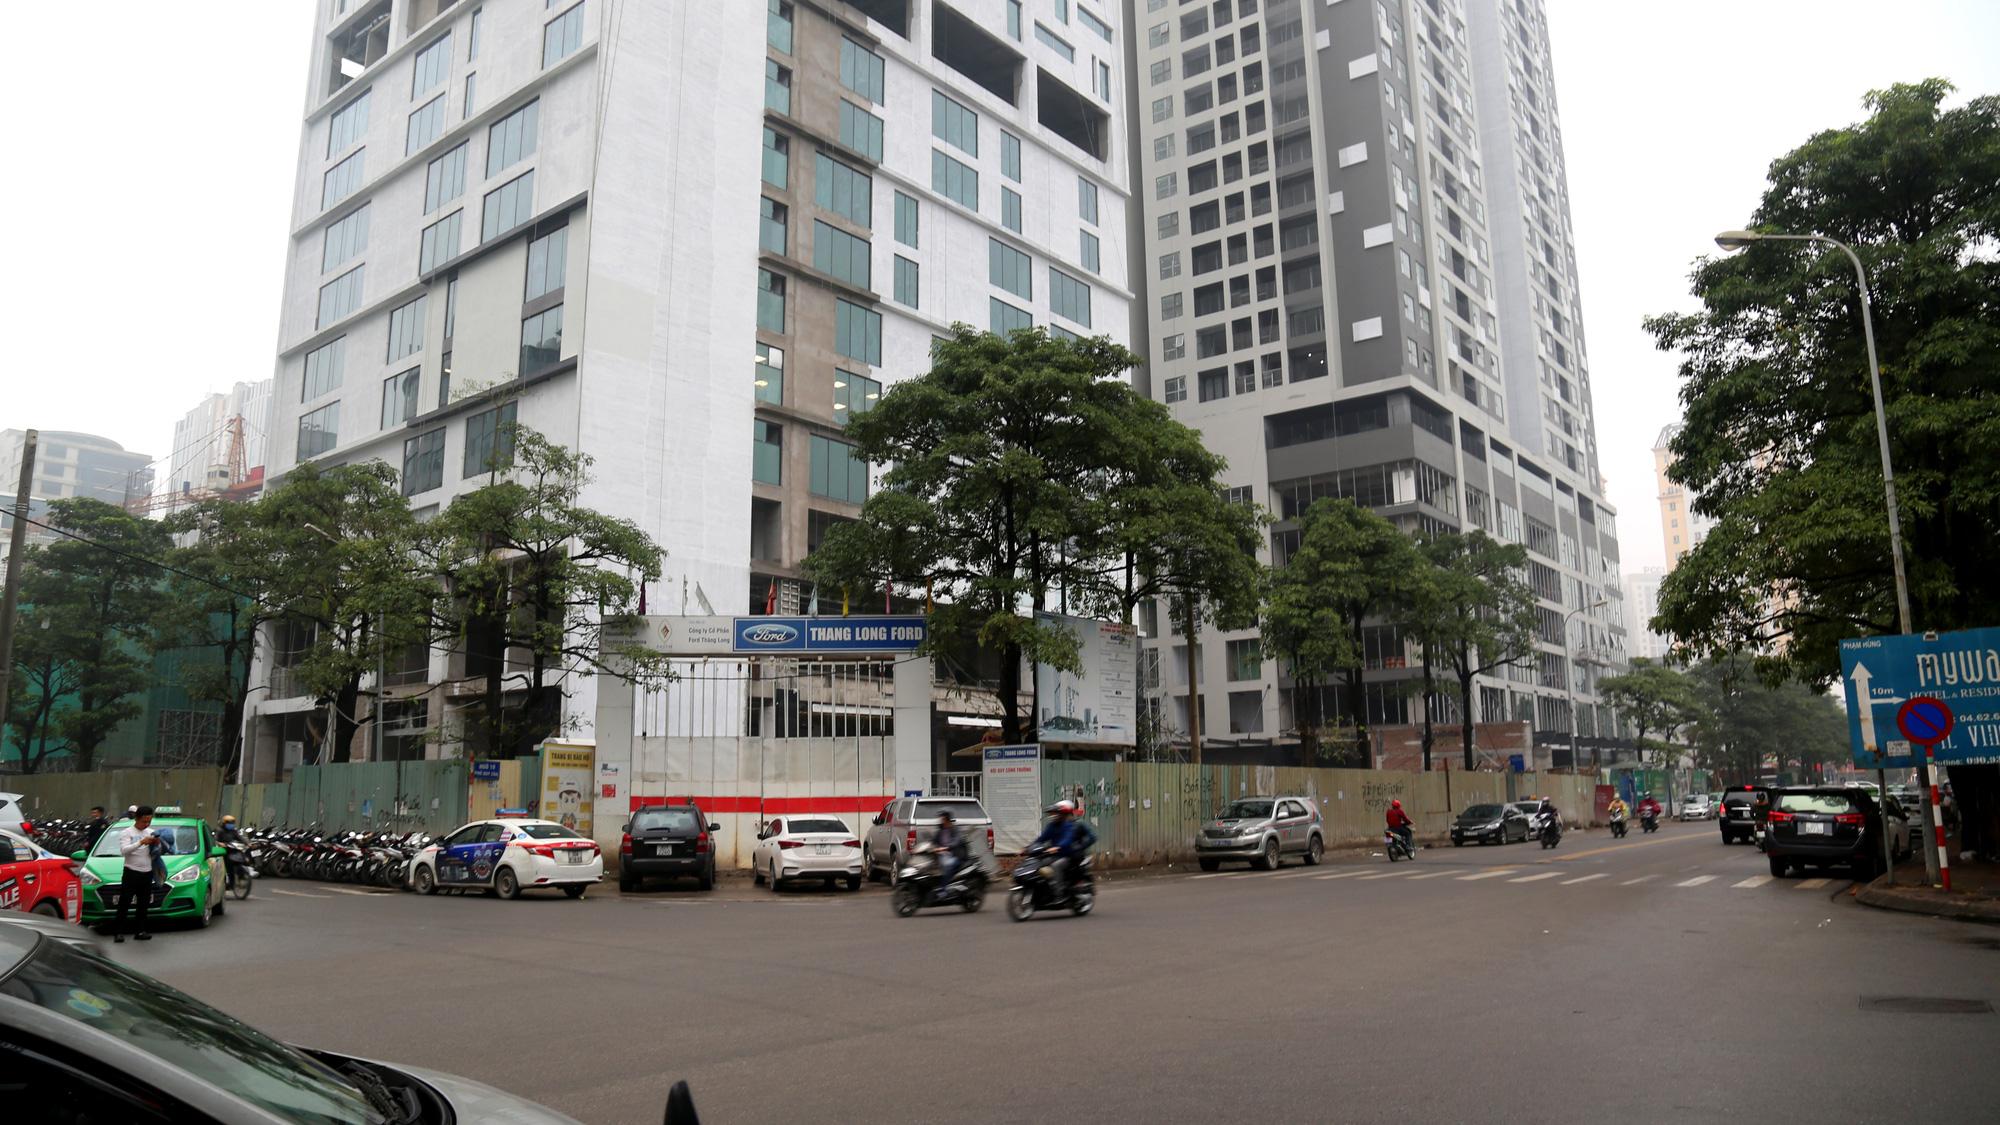 Dự án Dreamland Bonanza đang mở bán: Toà chung cư hiếm hoi ở 'khu phố Wall' của Việt Nam - Ảnh 7.